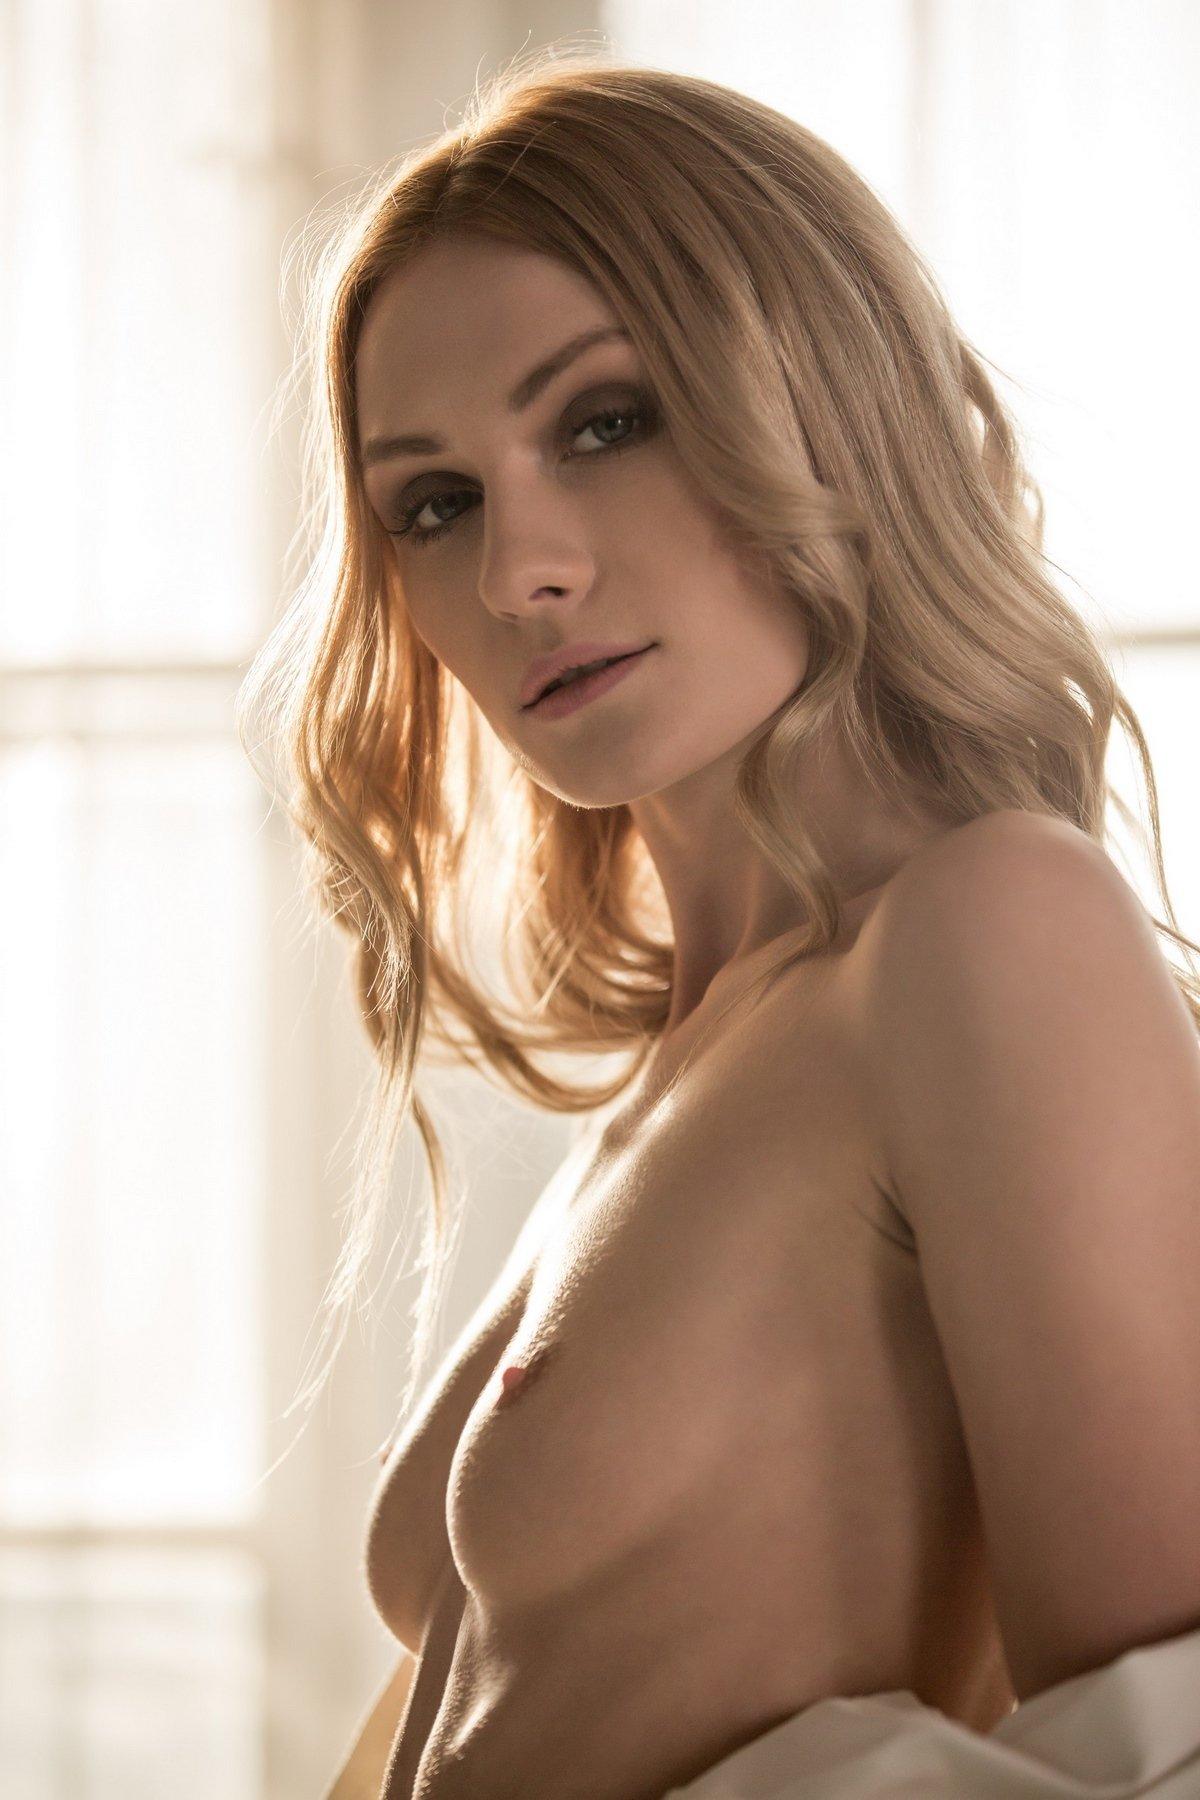 Фото красотка на голое тело колготки, смотреть русское порно видео петтинг